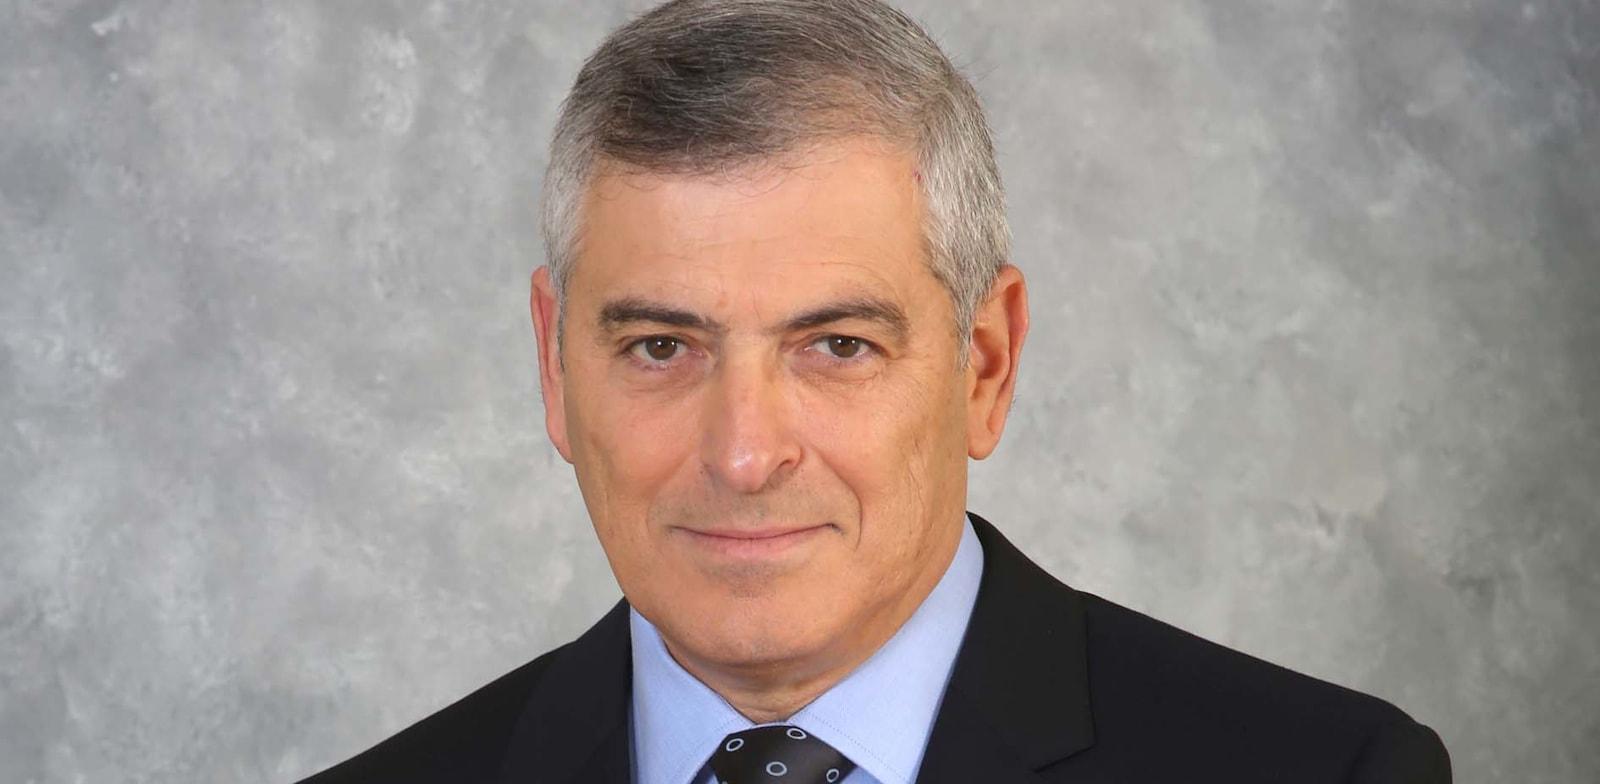 """עופר קוטלר, לשעבר מנכ""""ל שיכון ובינוי / צילום: סיון פרג'"""